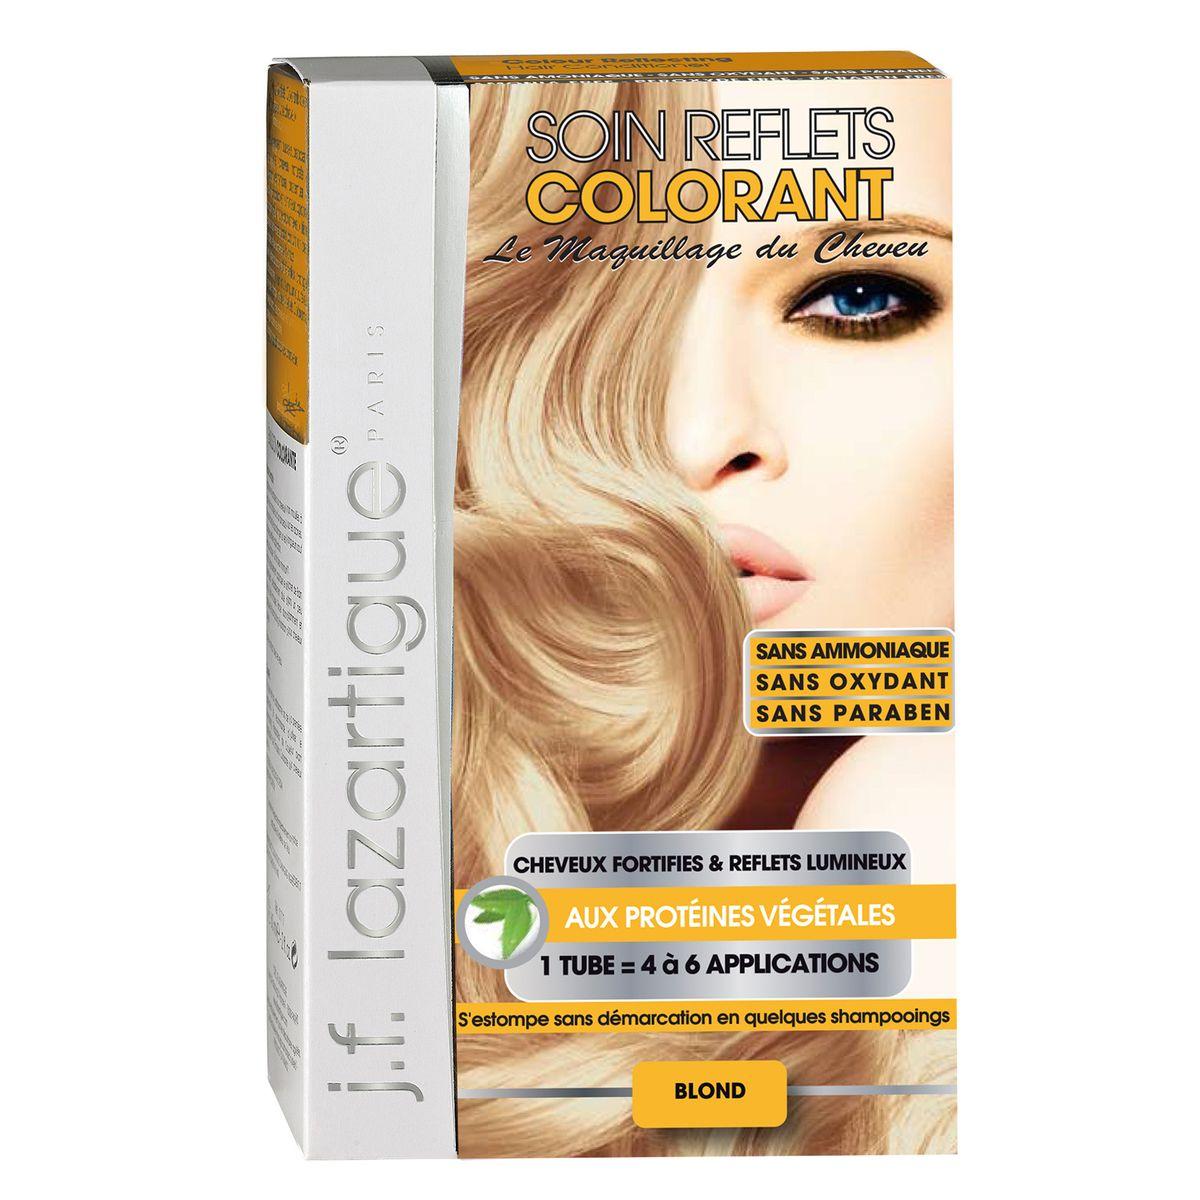 J.F.Lazartigue Оттеночный кондиционер для волос Блондин 100 мл61619Оттеночный кондиционер J.F.LAZARTIGUE – это лечебный макияж для Ваших волос. Два эффекта: кондиционирование волос и легкий оттенок. Особенности: придает новый или более теплый (или холодный) оттенок, делает тон темнее или акцентирует цвет, оживляет естественный цвет или придает яркость тусклым и выцветшим на солнце волосам. Закрашивает небольшой процент седины! После мытья волос шампунем (3-6 раз) смывается. Для достижения индивидуального оттенка можно смешать два разных кондиционера: добавить к выбранному ТЕМНЫЙ РЫЖИЙ (Auburn), МЕДНЫЙ (Copper) и т.п. Не осветляет волосы. Не содержит аммиака и перекиси водорода. Не содержит парабенов. Не предназначен для окрашивания бровей и ресниц.